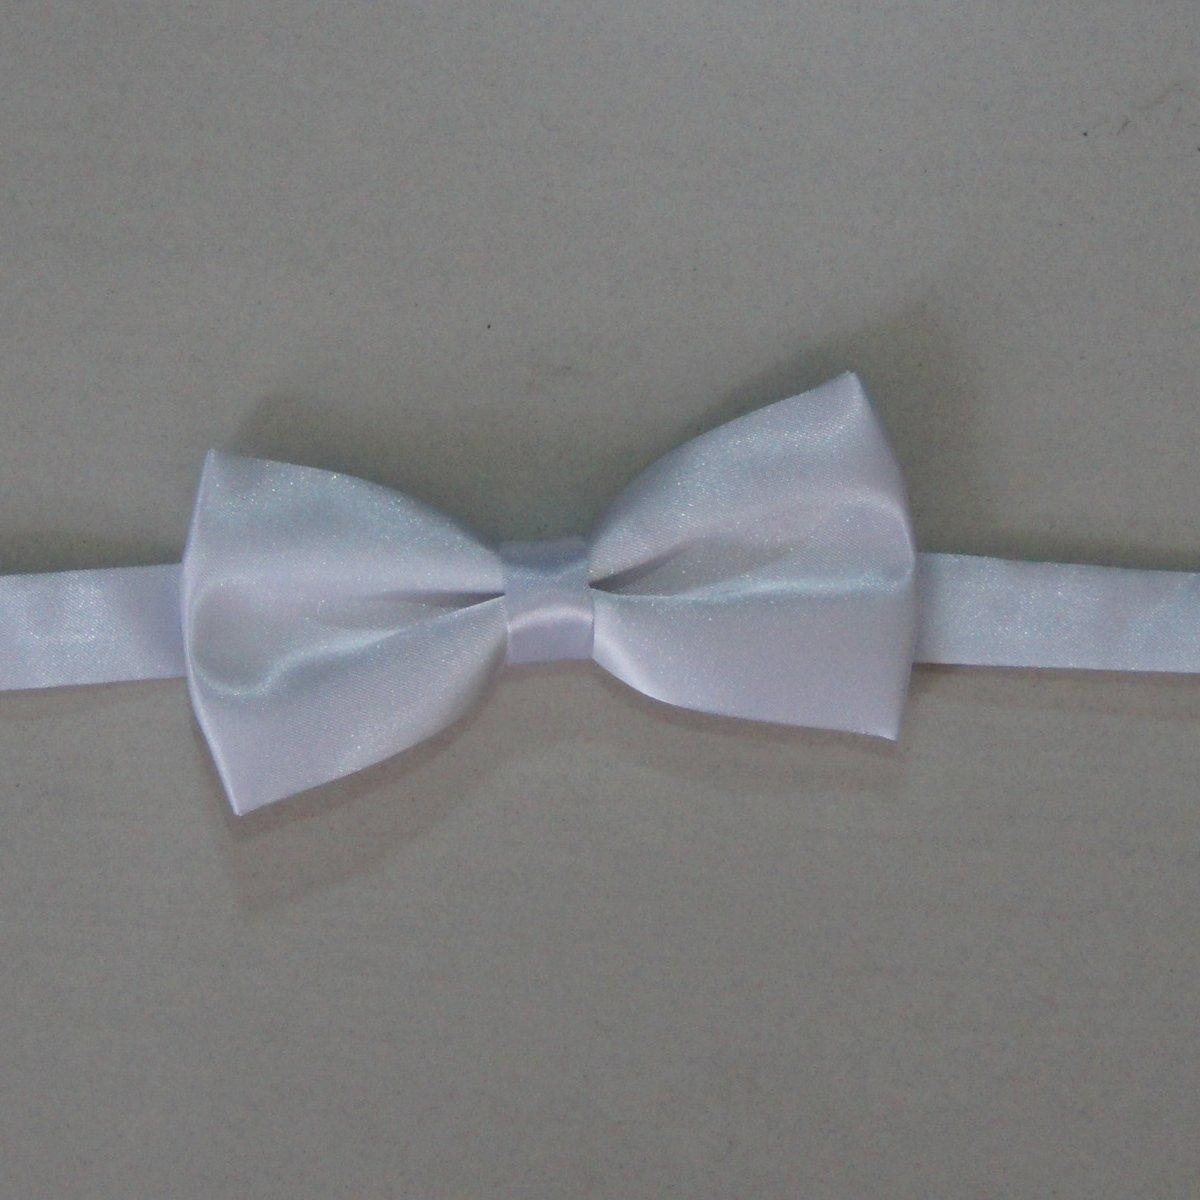 leptir masna #153 - leptir masne, muske kosulje, muska odela, odelo za vencanje, matura, svadba, vencanica